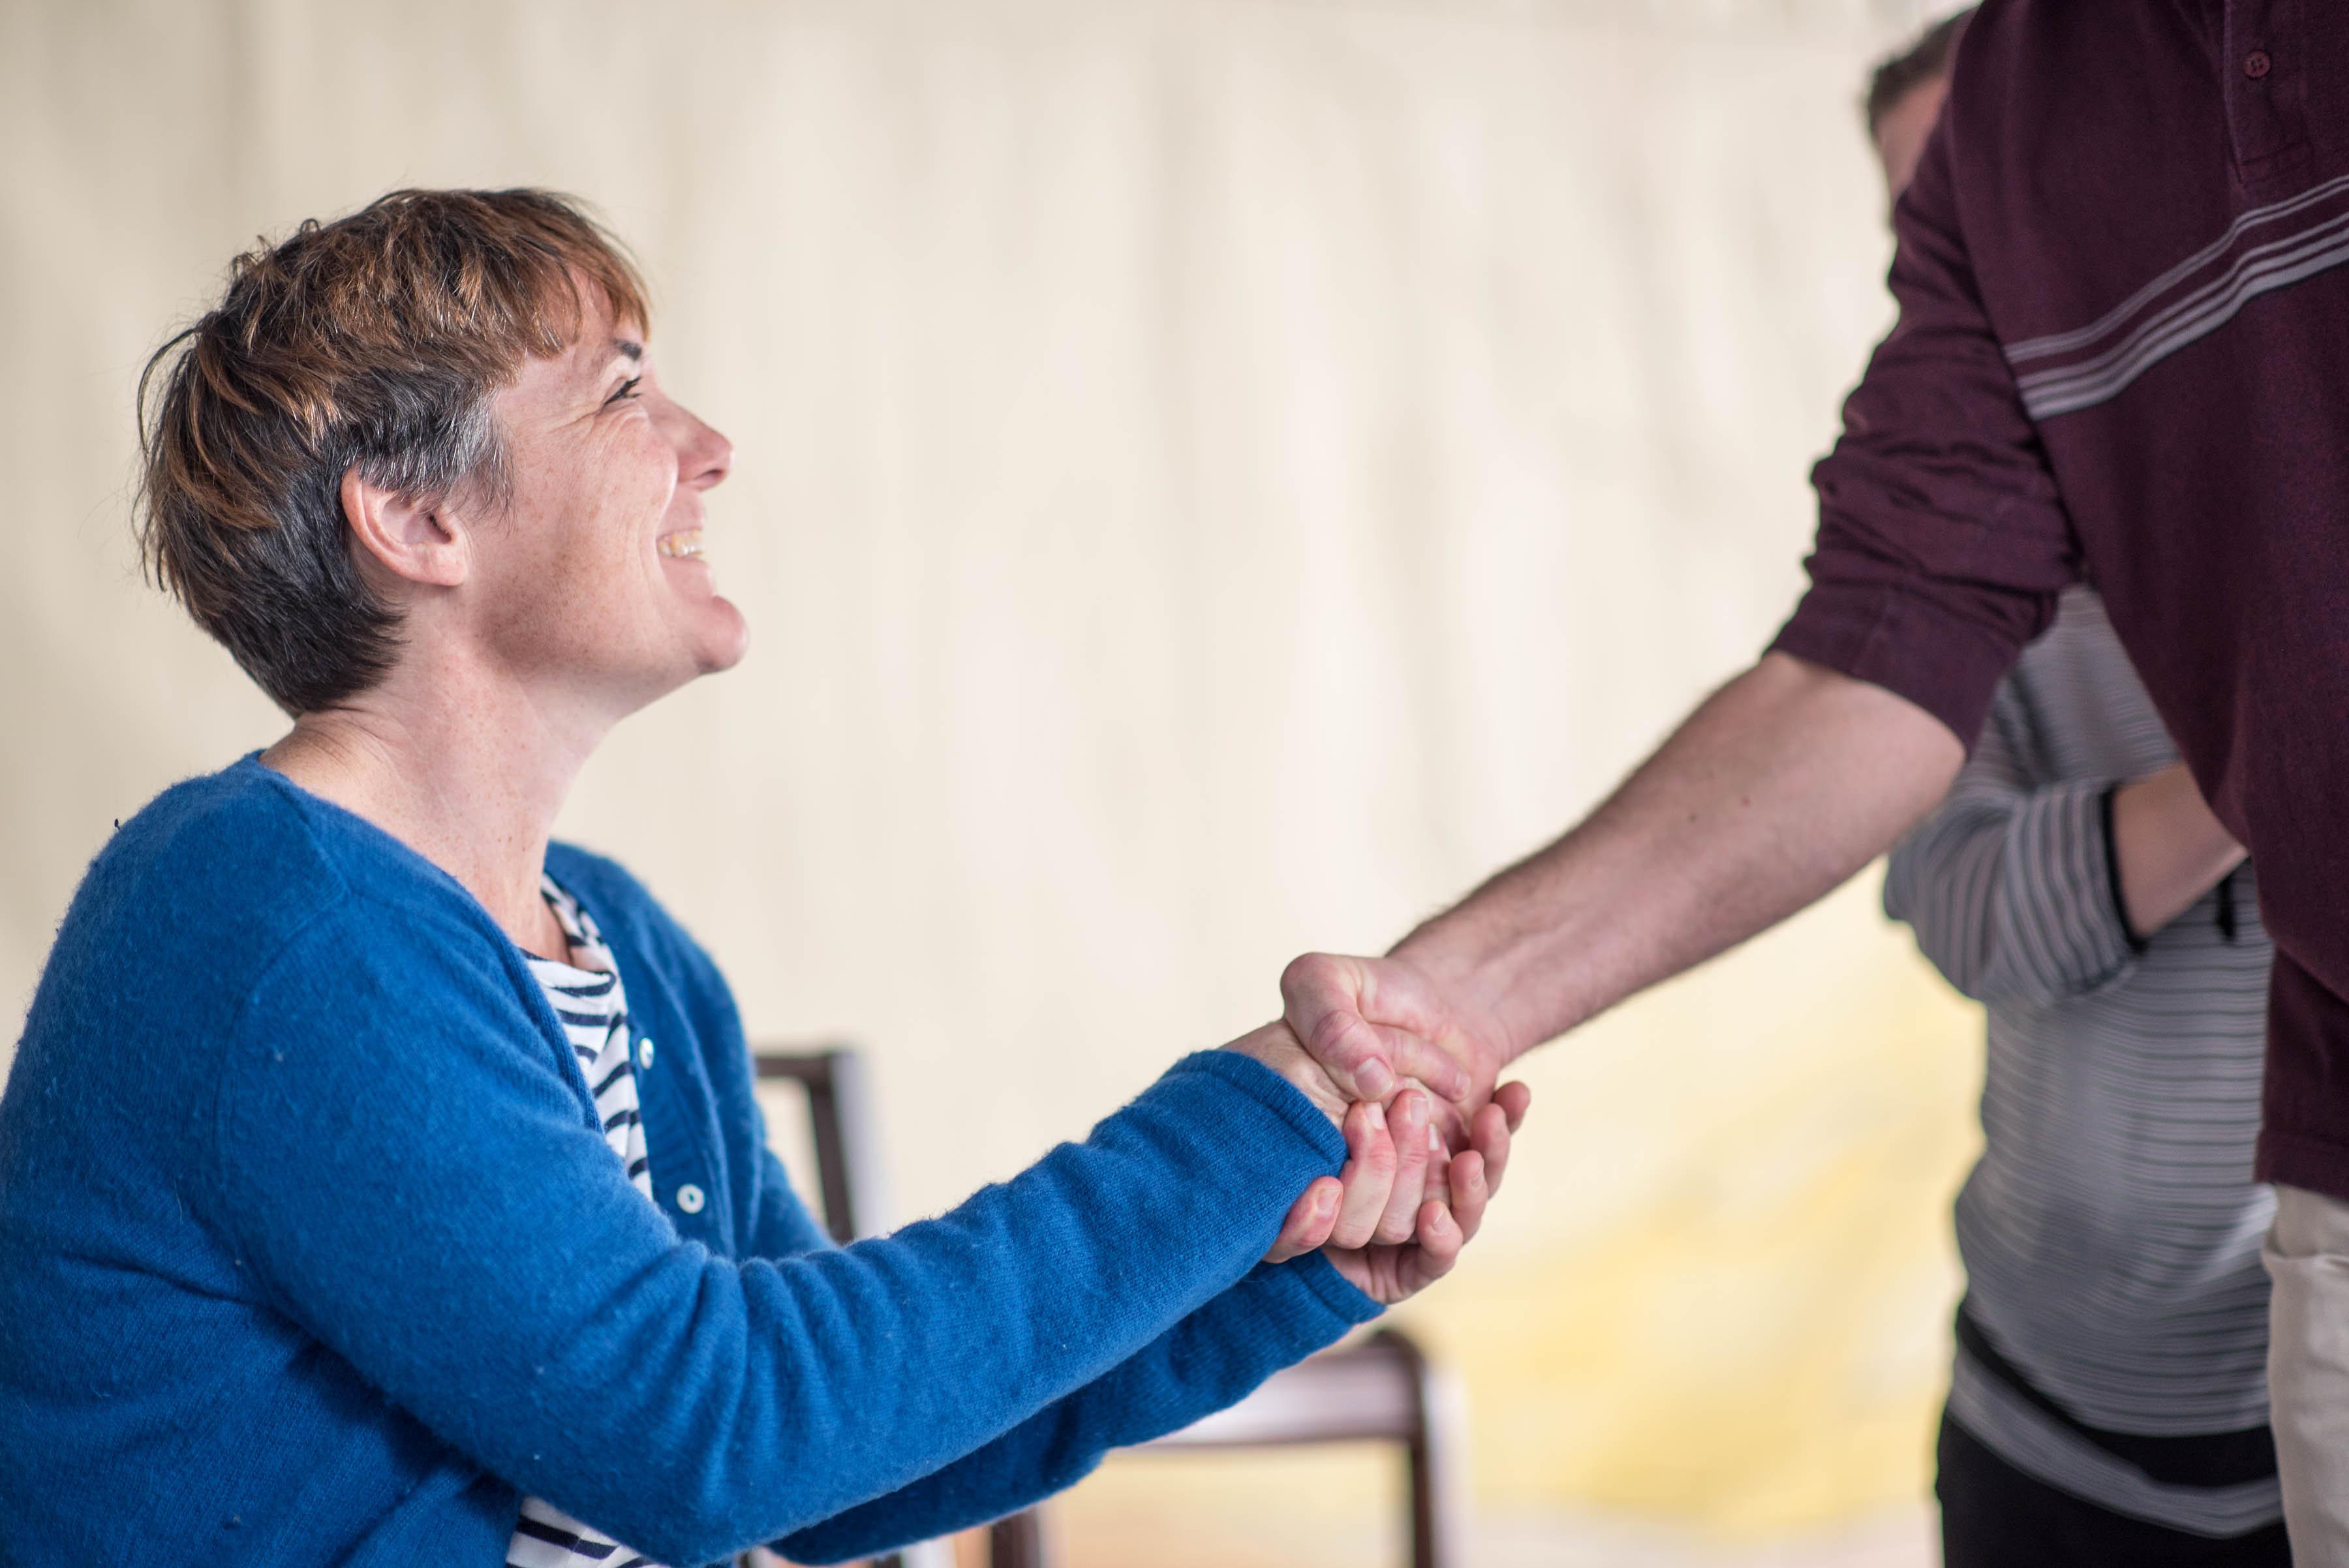 actors shaking hands - support